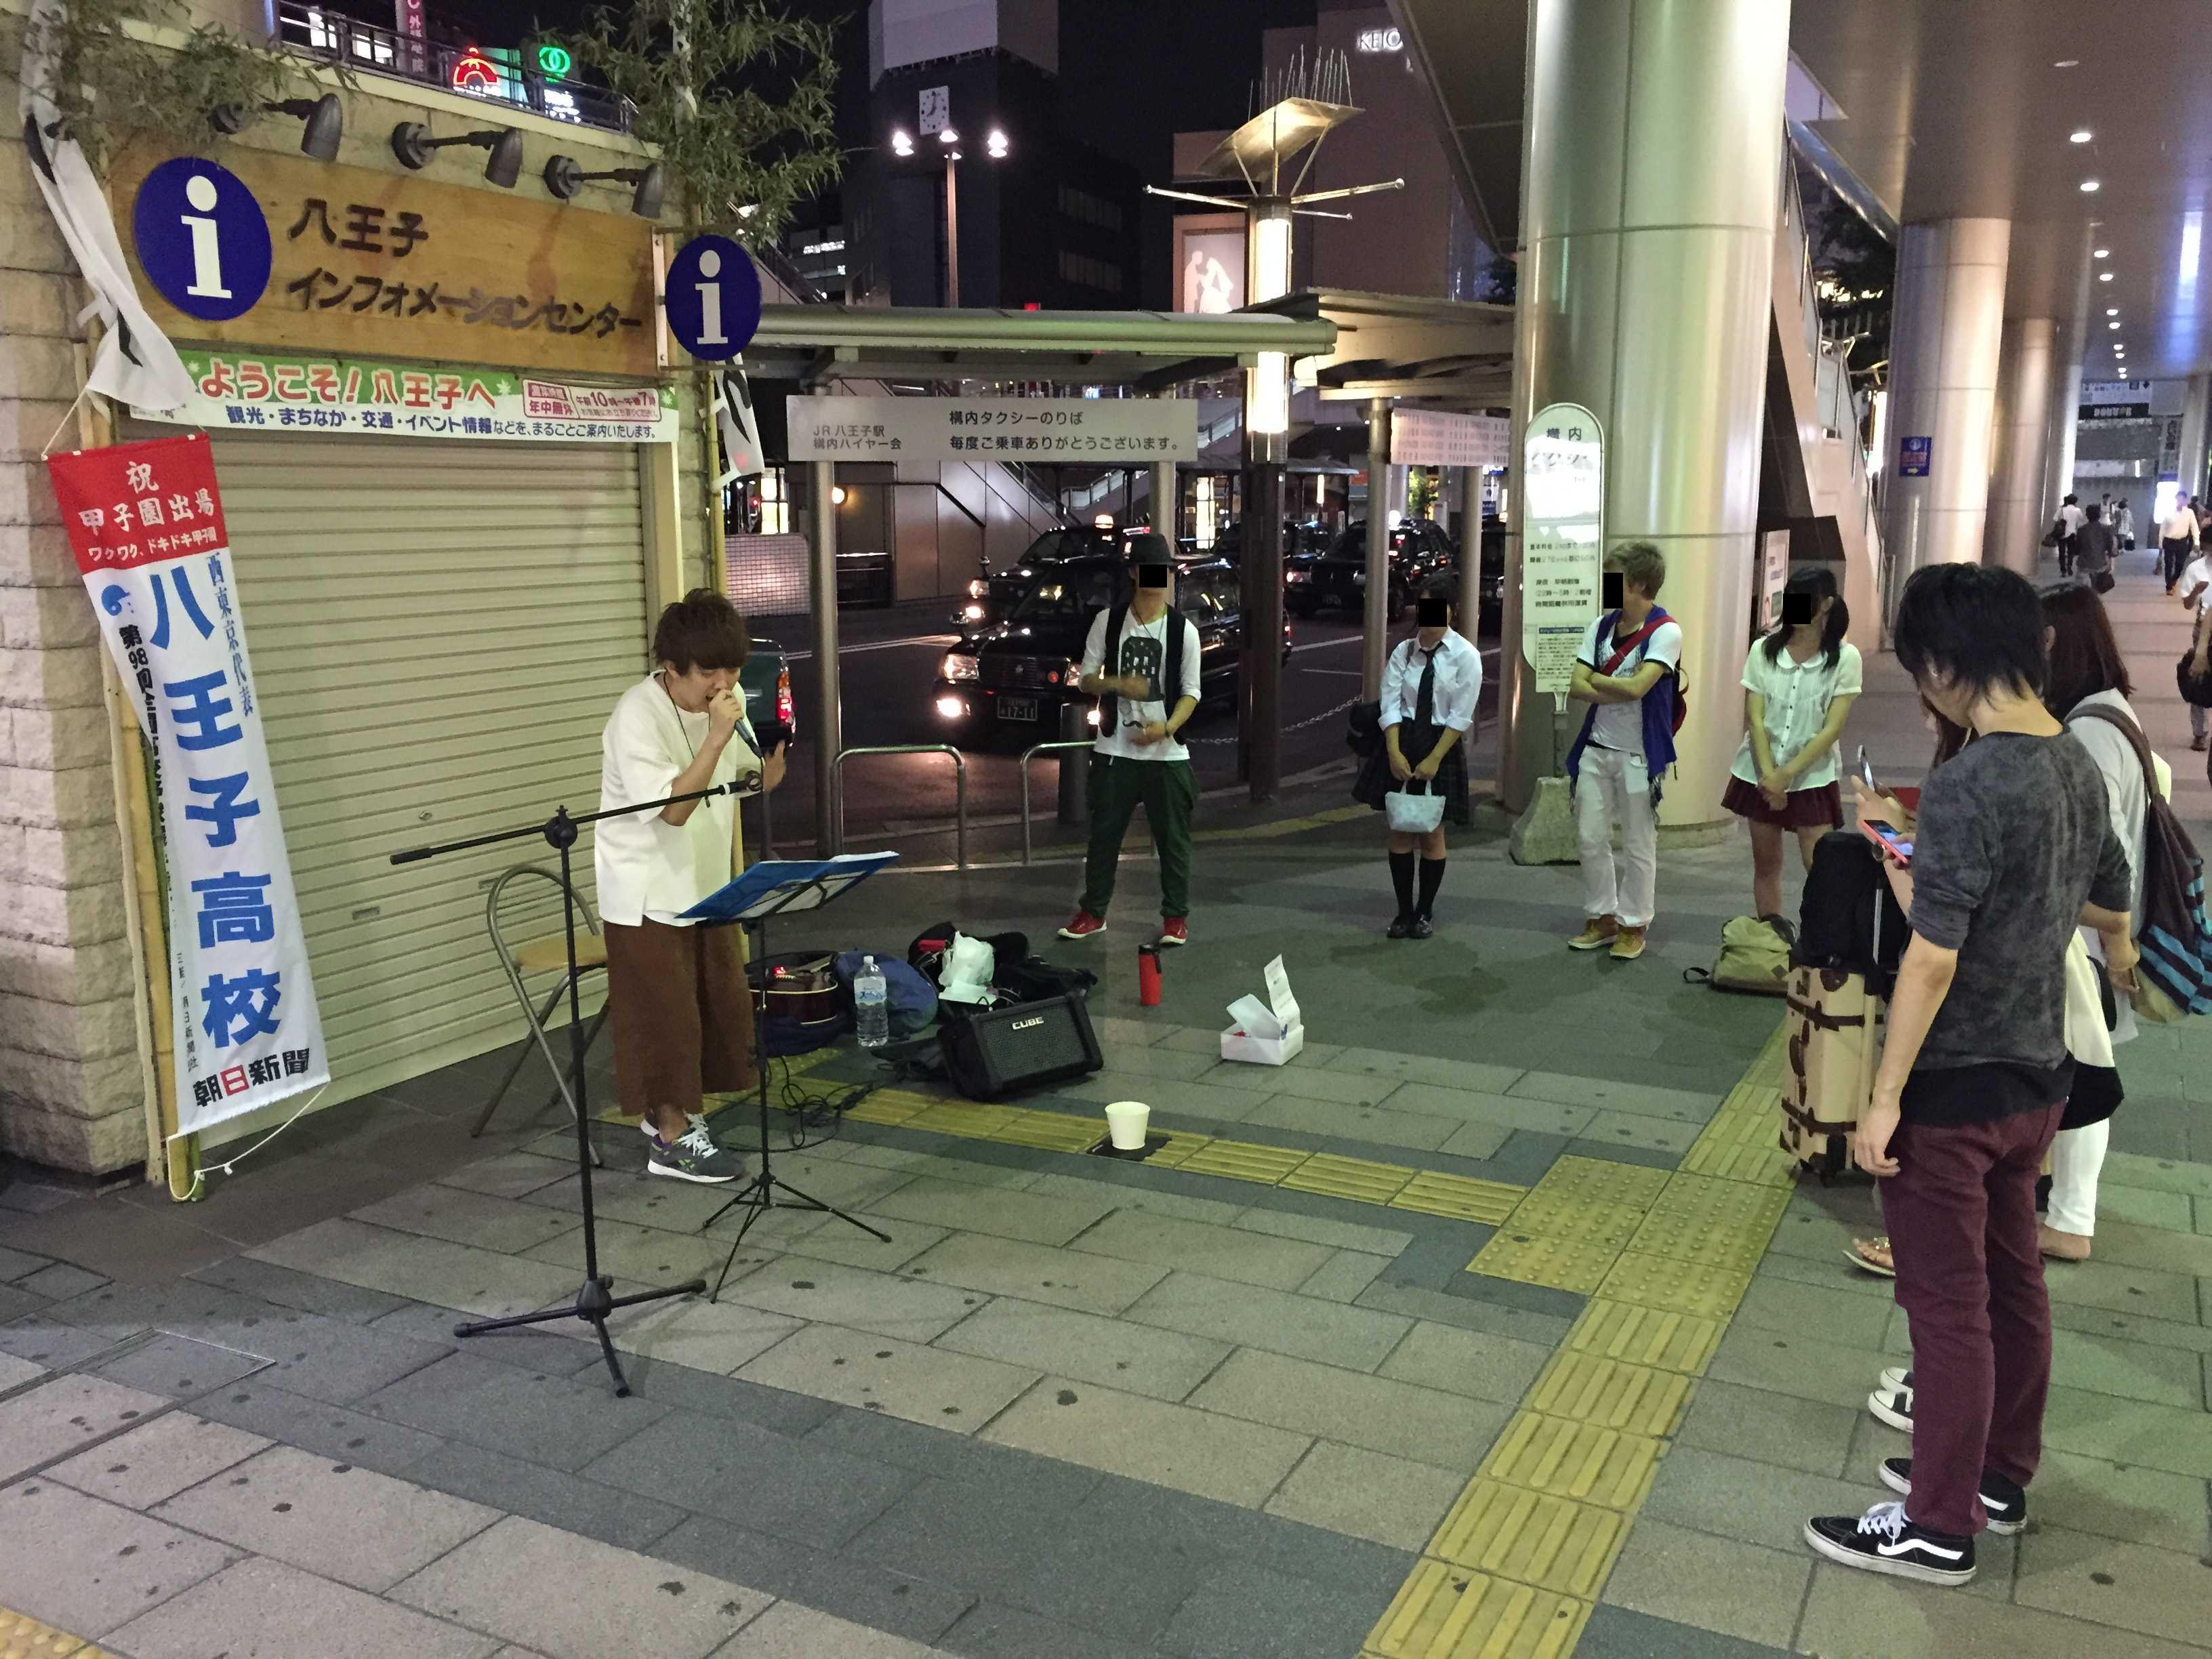 JR八王子駅北口: 八王子インフォメーションセンター前